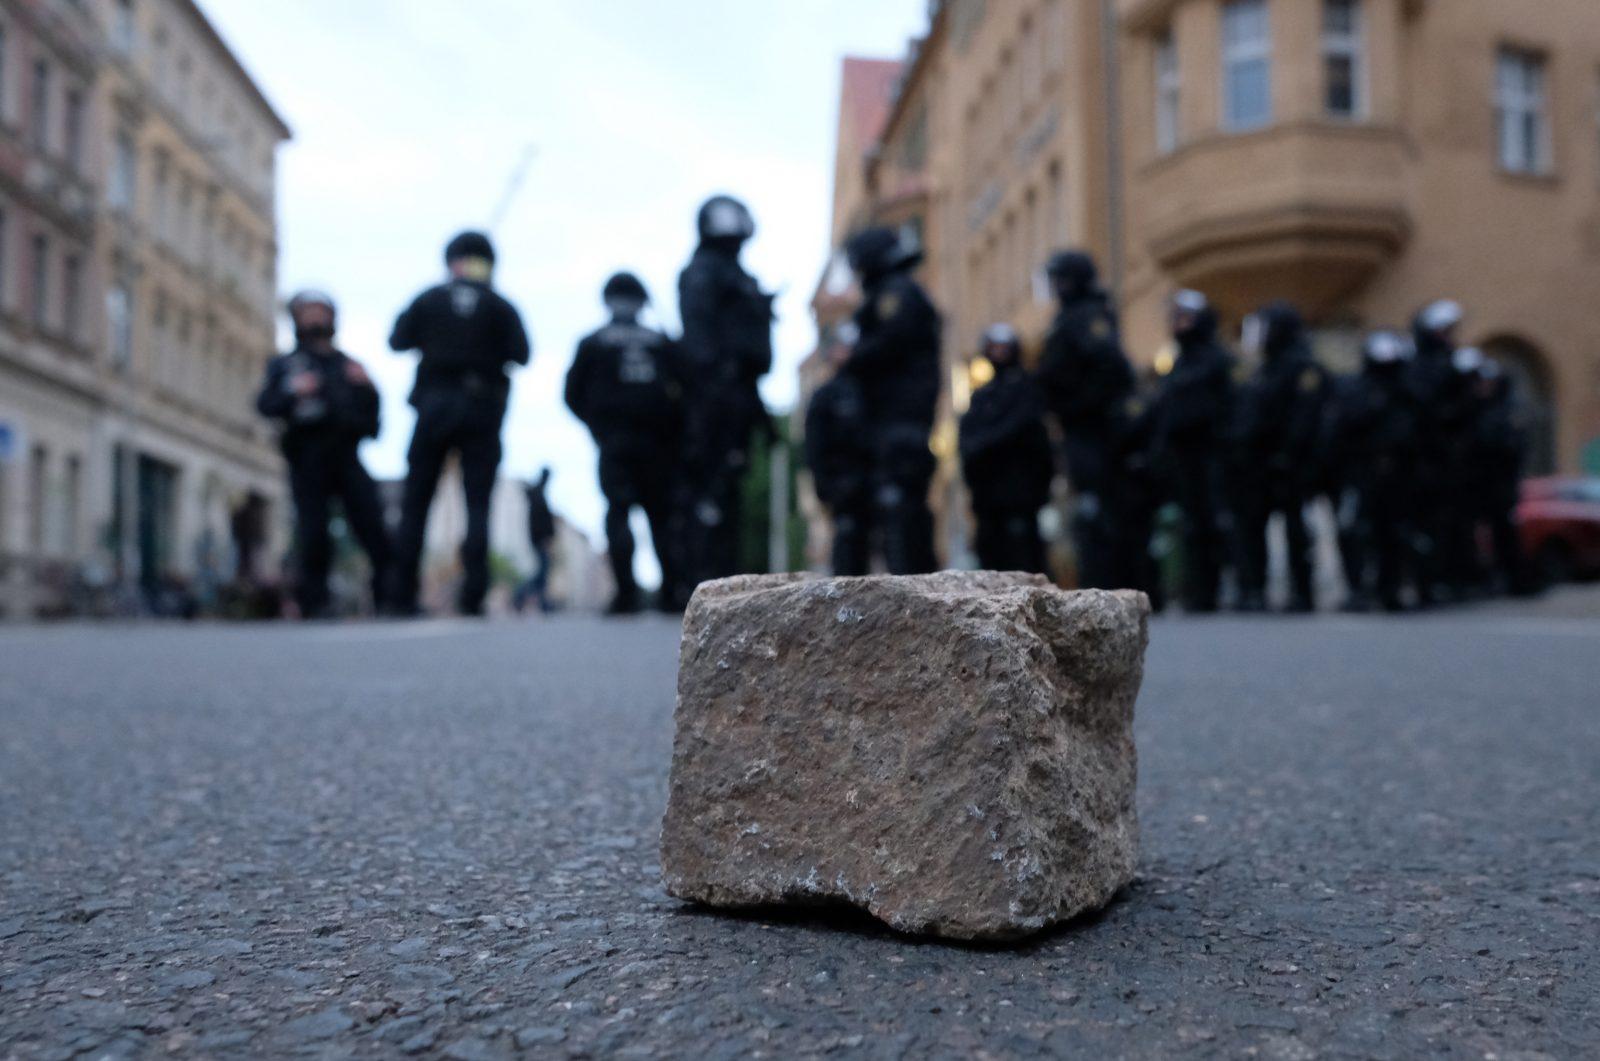 Polizeieinsatz wegen linksextremer Demonstration in Connewitz (Archivbild) Foto: picture alliance/Sebastian Willnow/dpa-Zentralbild/dpa